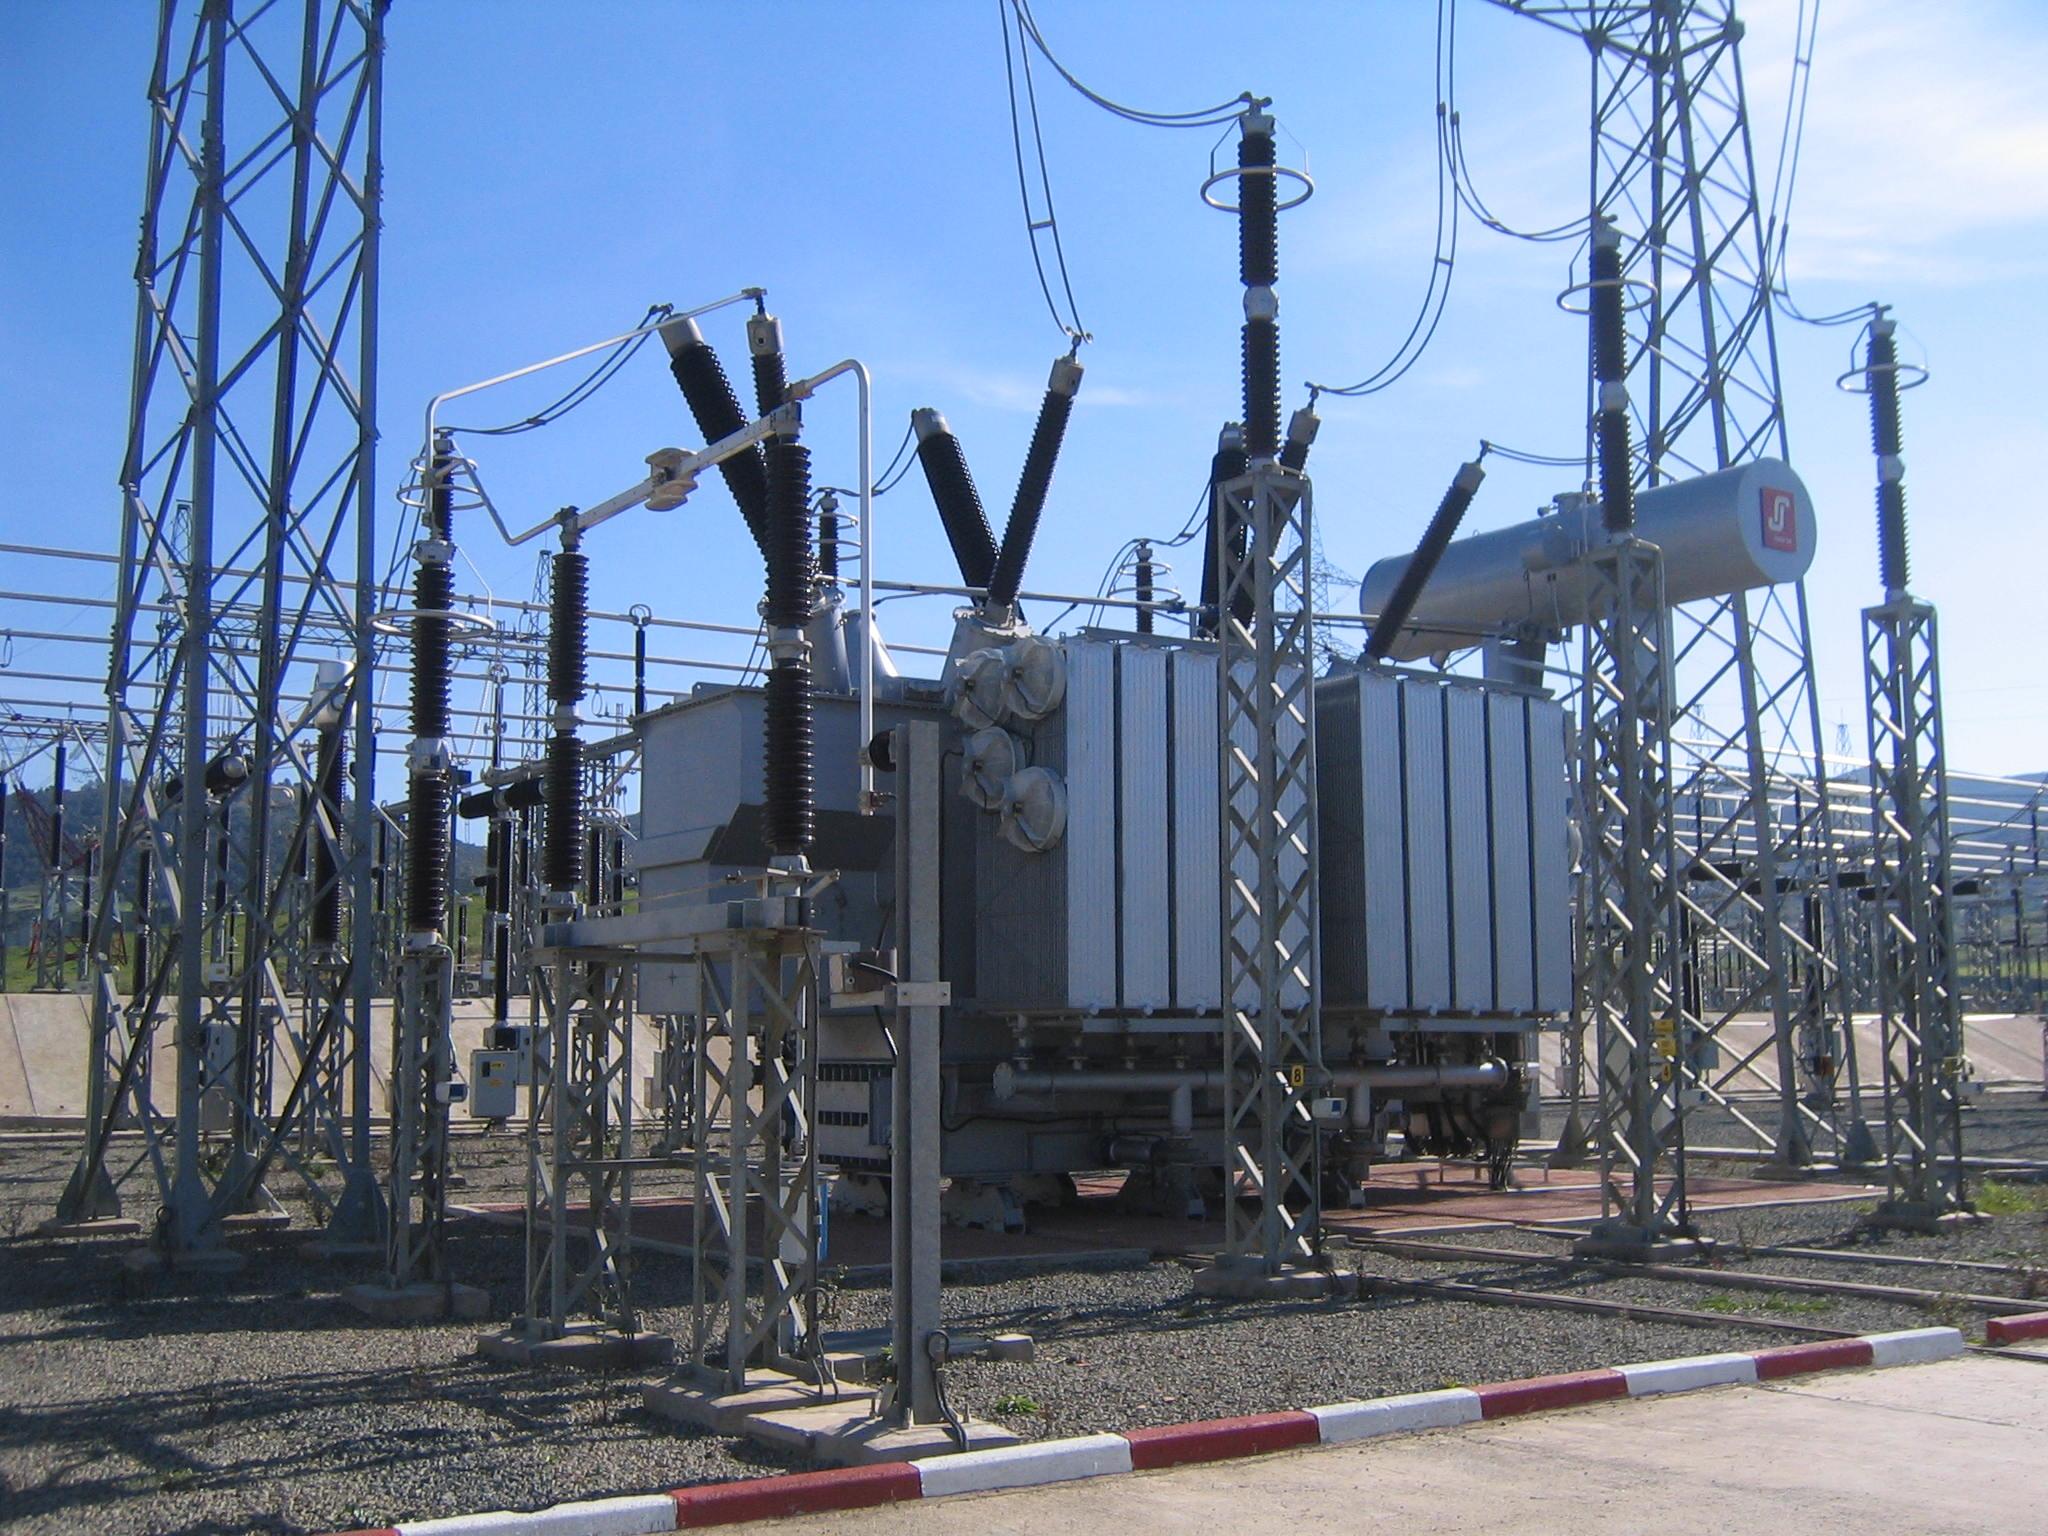 électricité sous tension